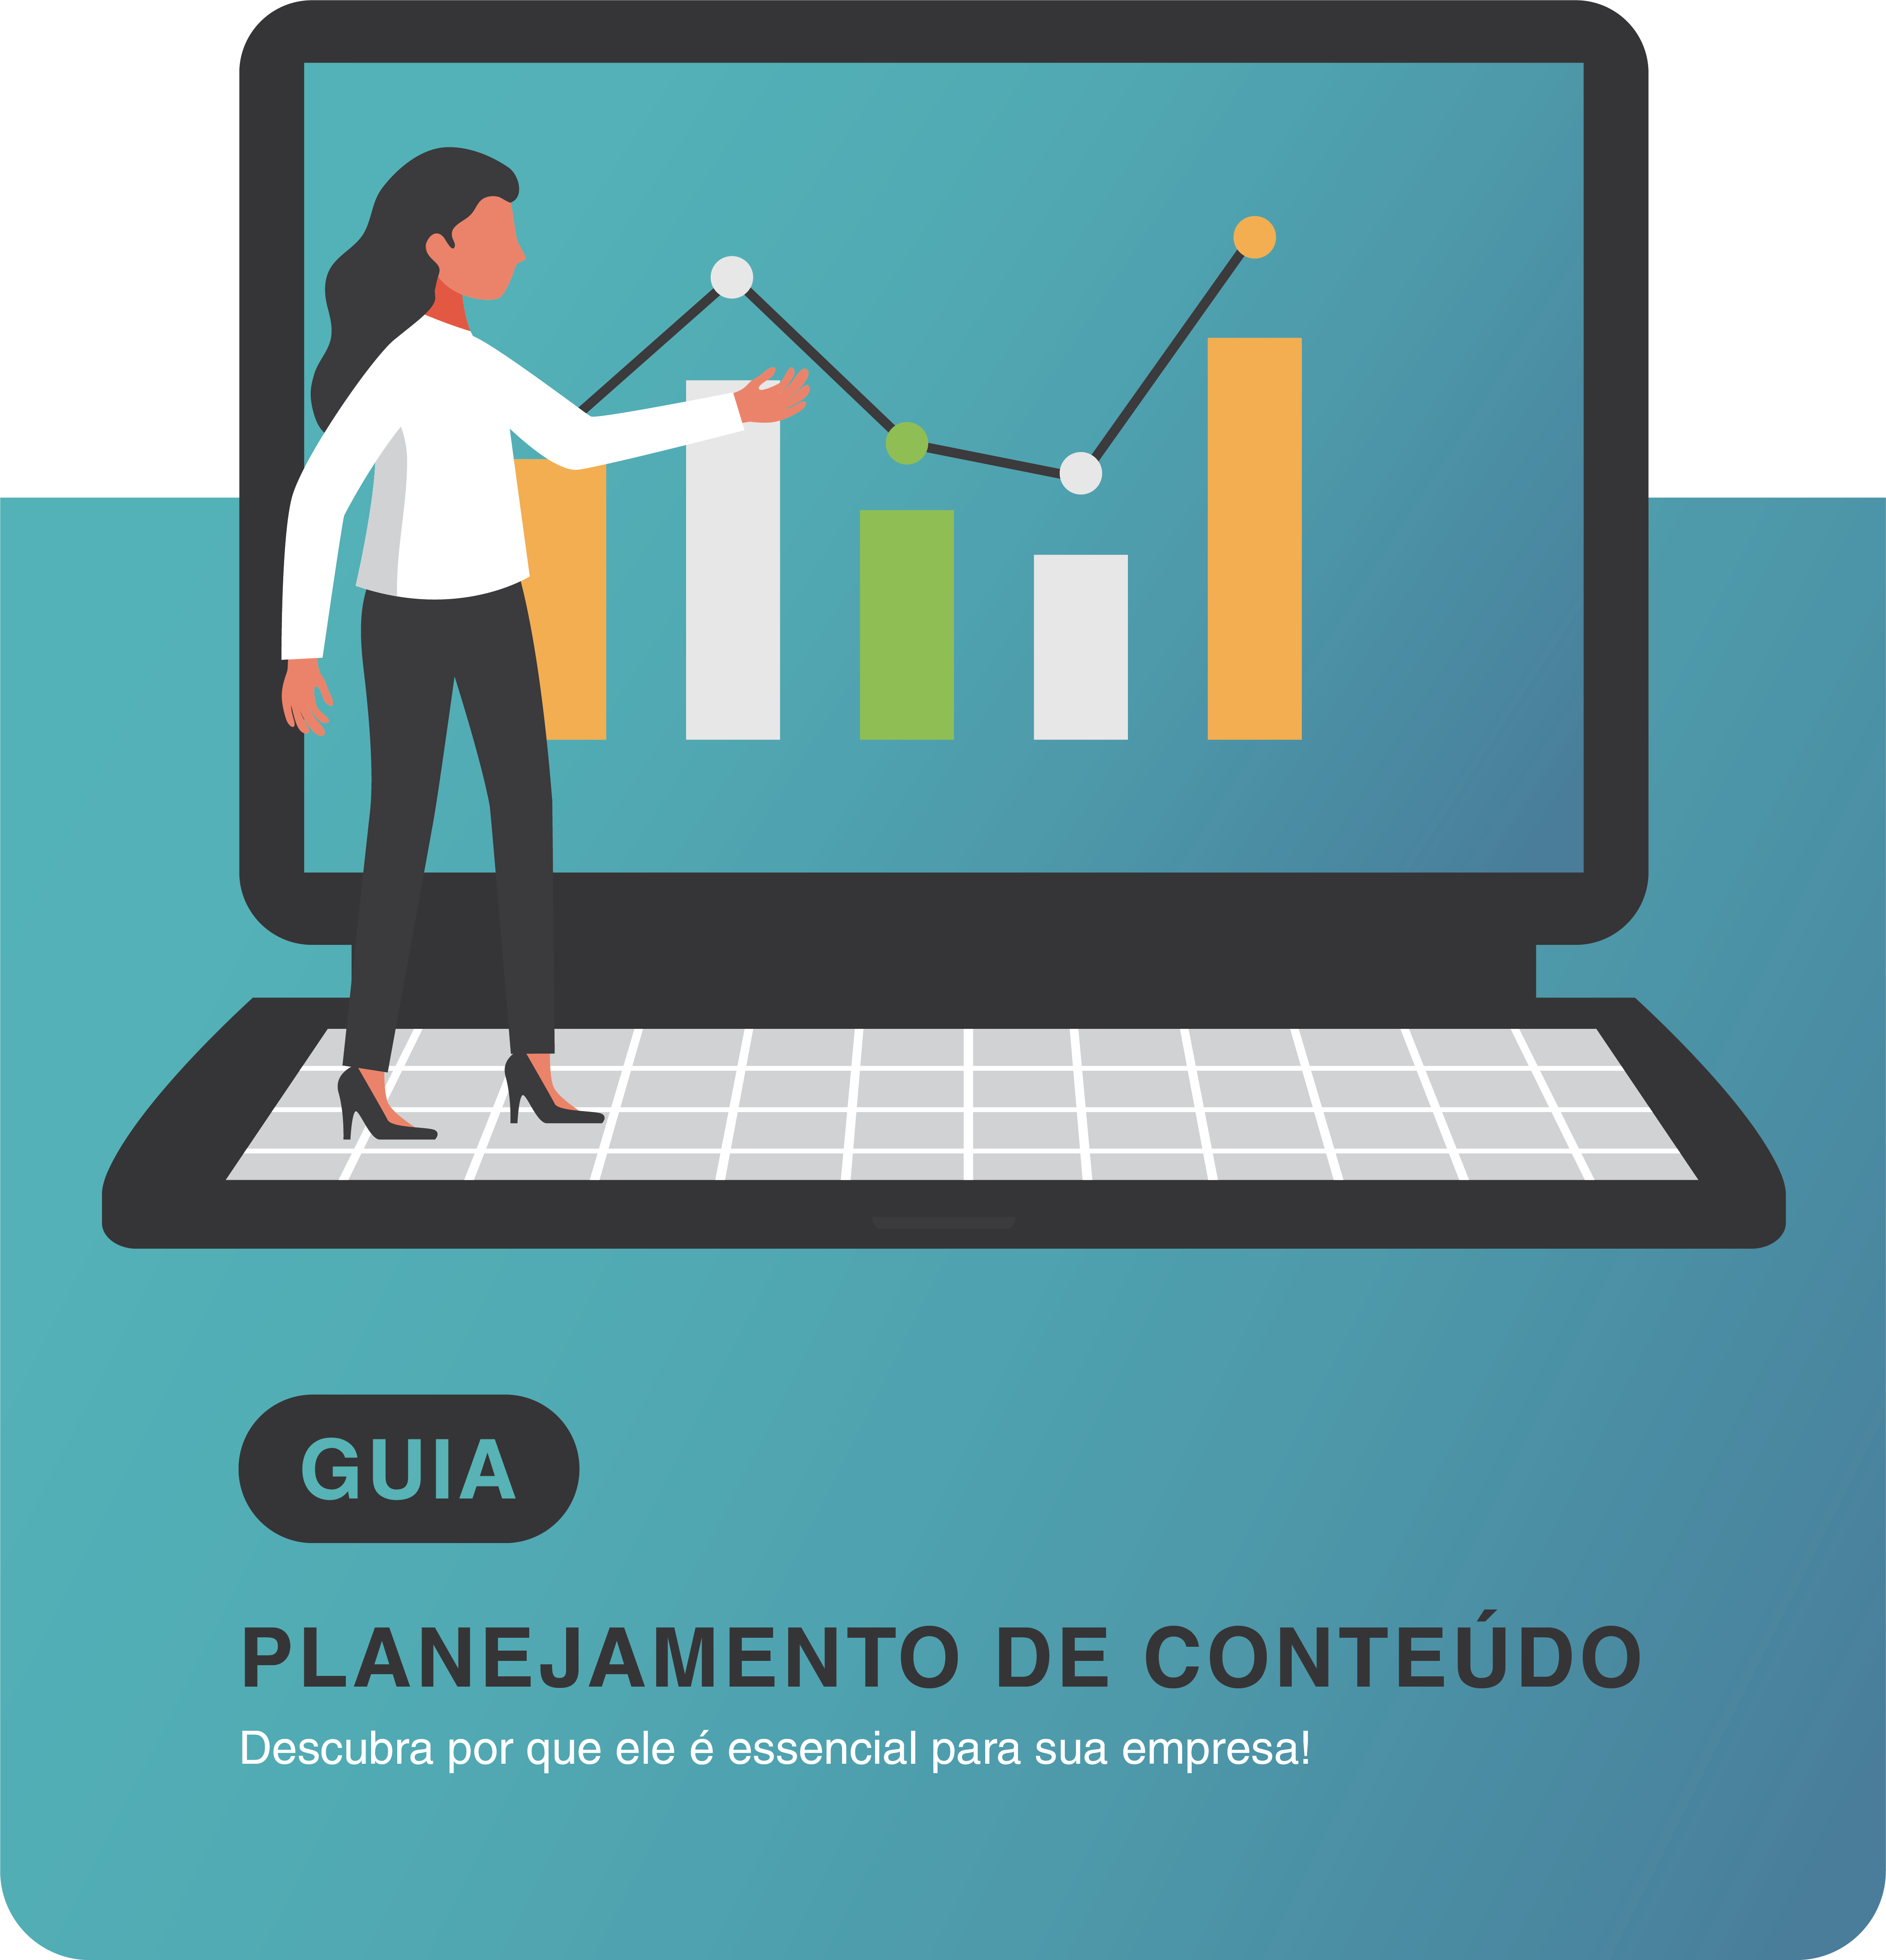 Guia: Planejamento de conteúdo